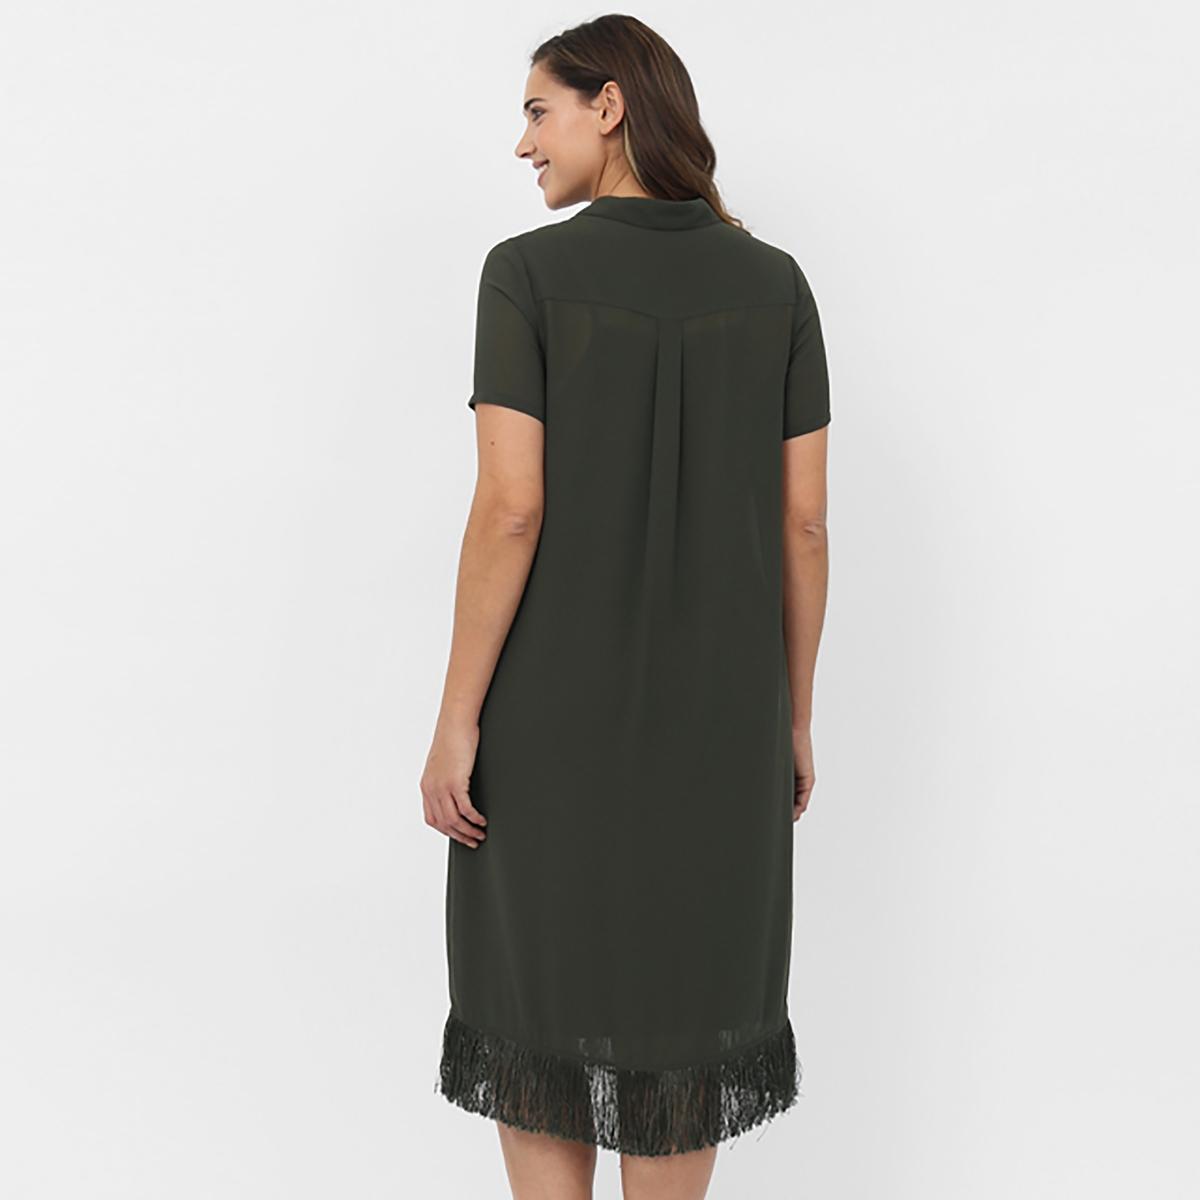 Платье с короткими рукавамиПлатье с короткими рукавами KOKO BY KOKO, Рубашечный воротник. Застёжка на пуговицы по всей длине. 2 кармана. Низ с бахромой. Длина около 102 см. 100% полиэстера<br><br>Цвет: хаки